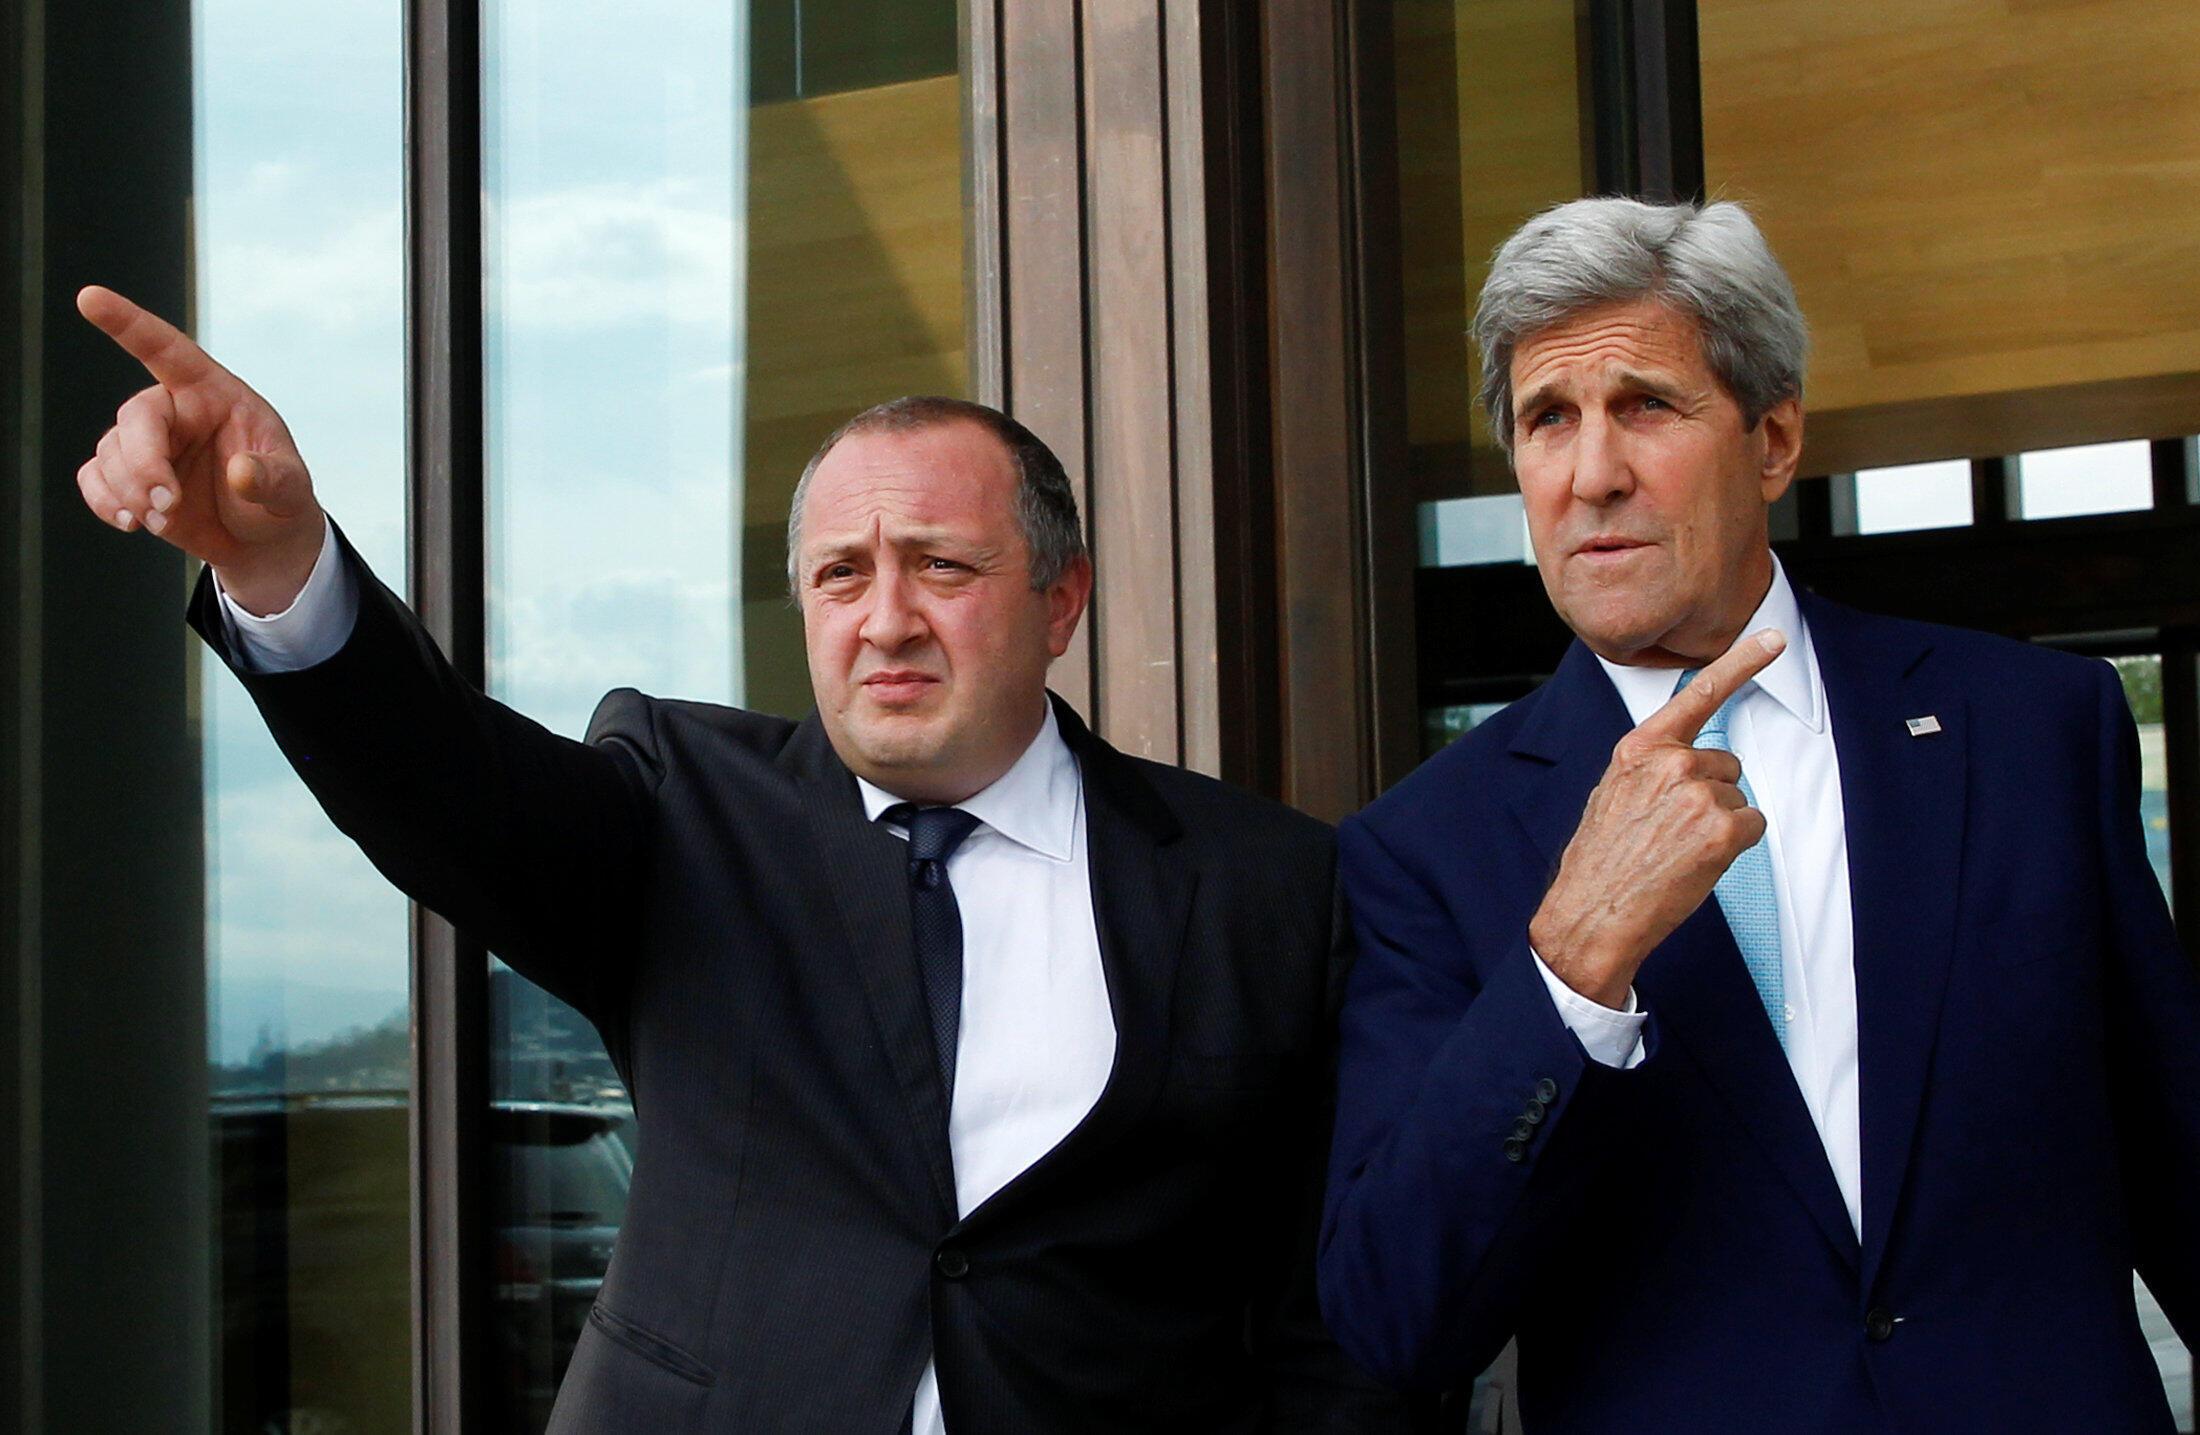 Госсекретарь США Джон Керри (справа) и президент Грузии Георгий Маргвелашвили, Тбилиси, 6 июля 2016.